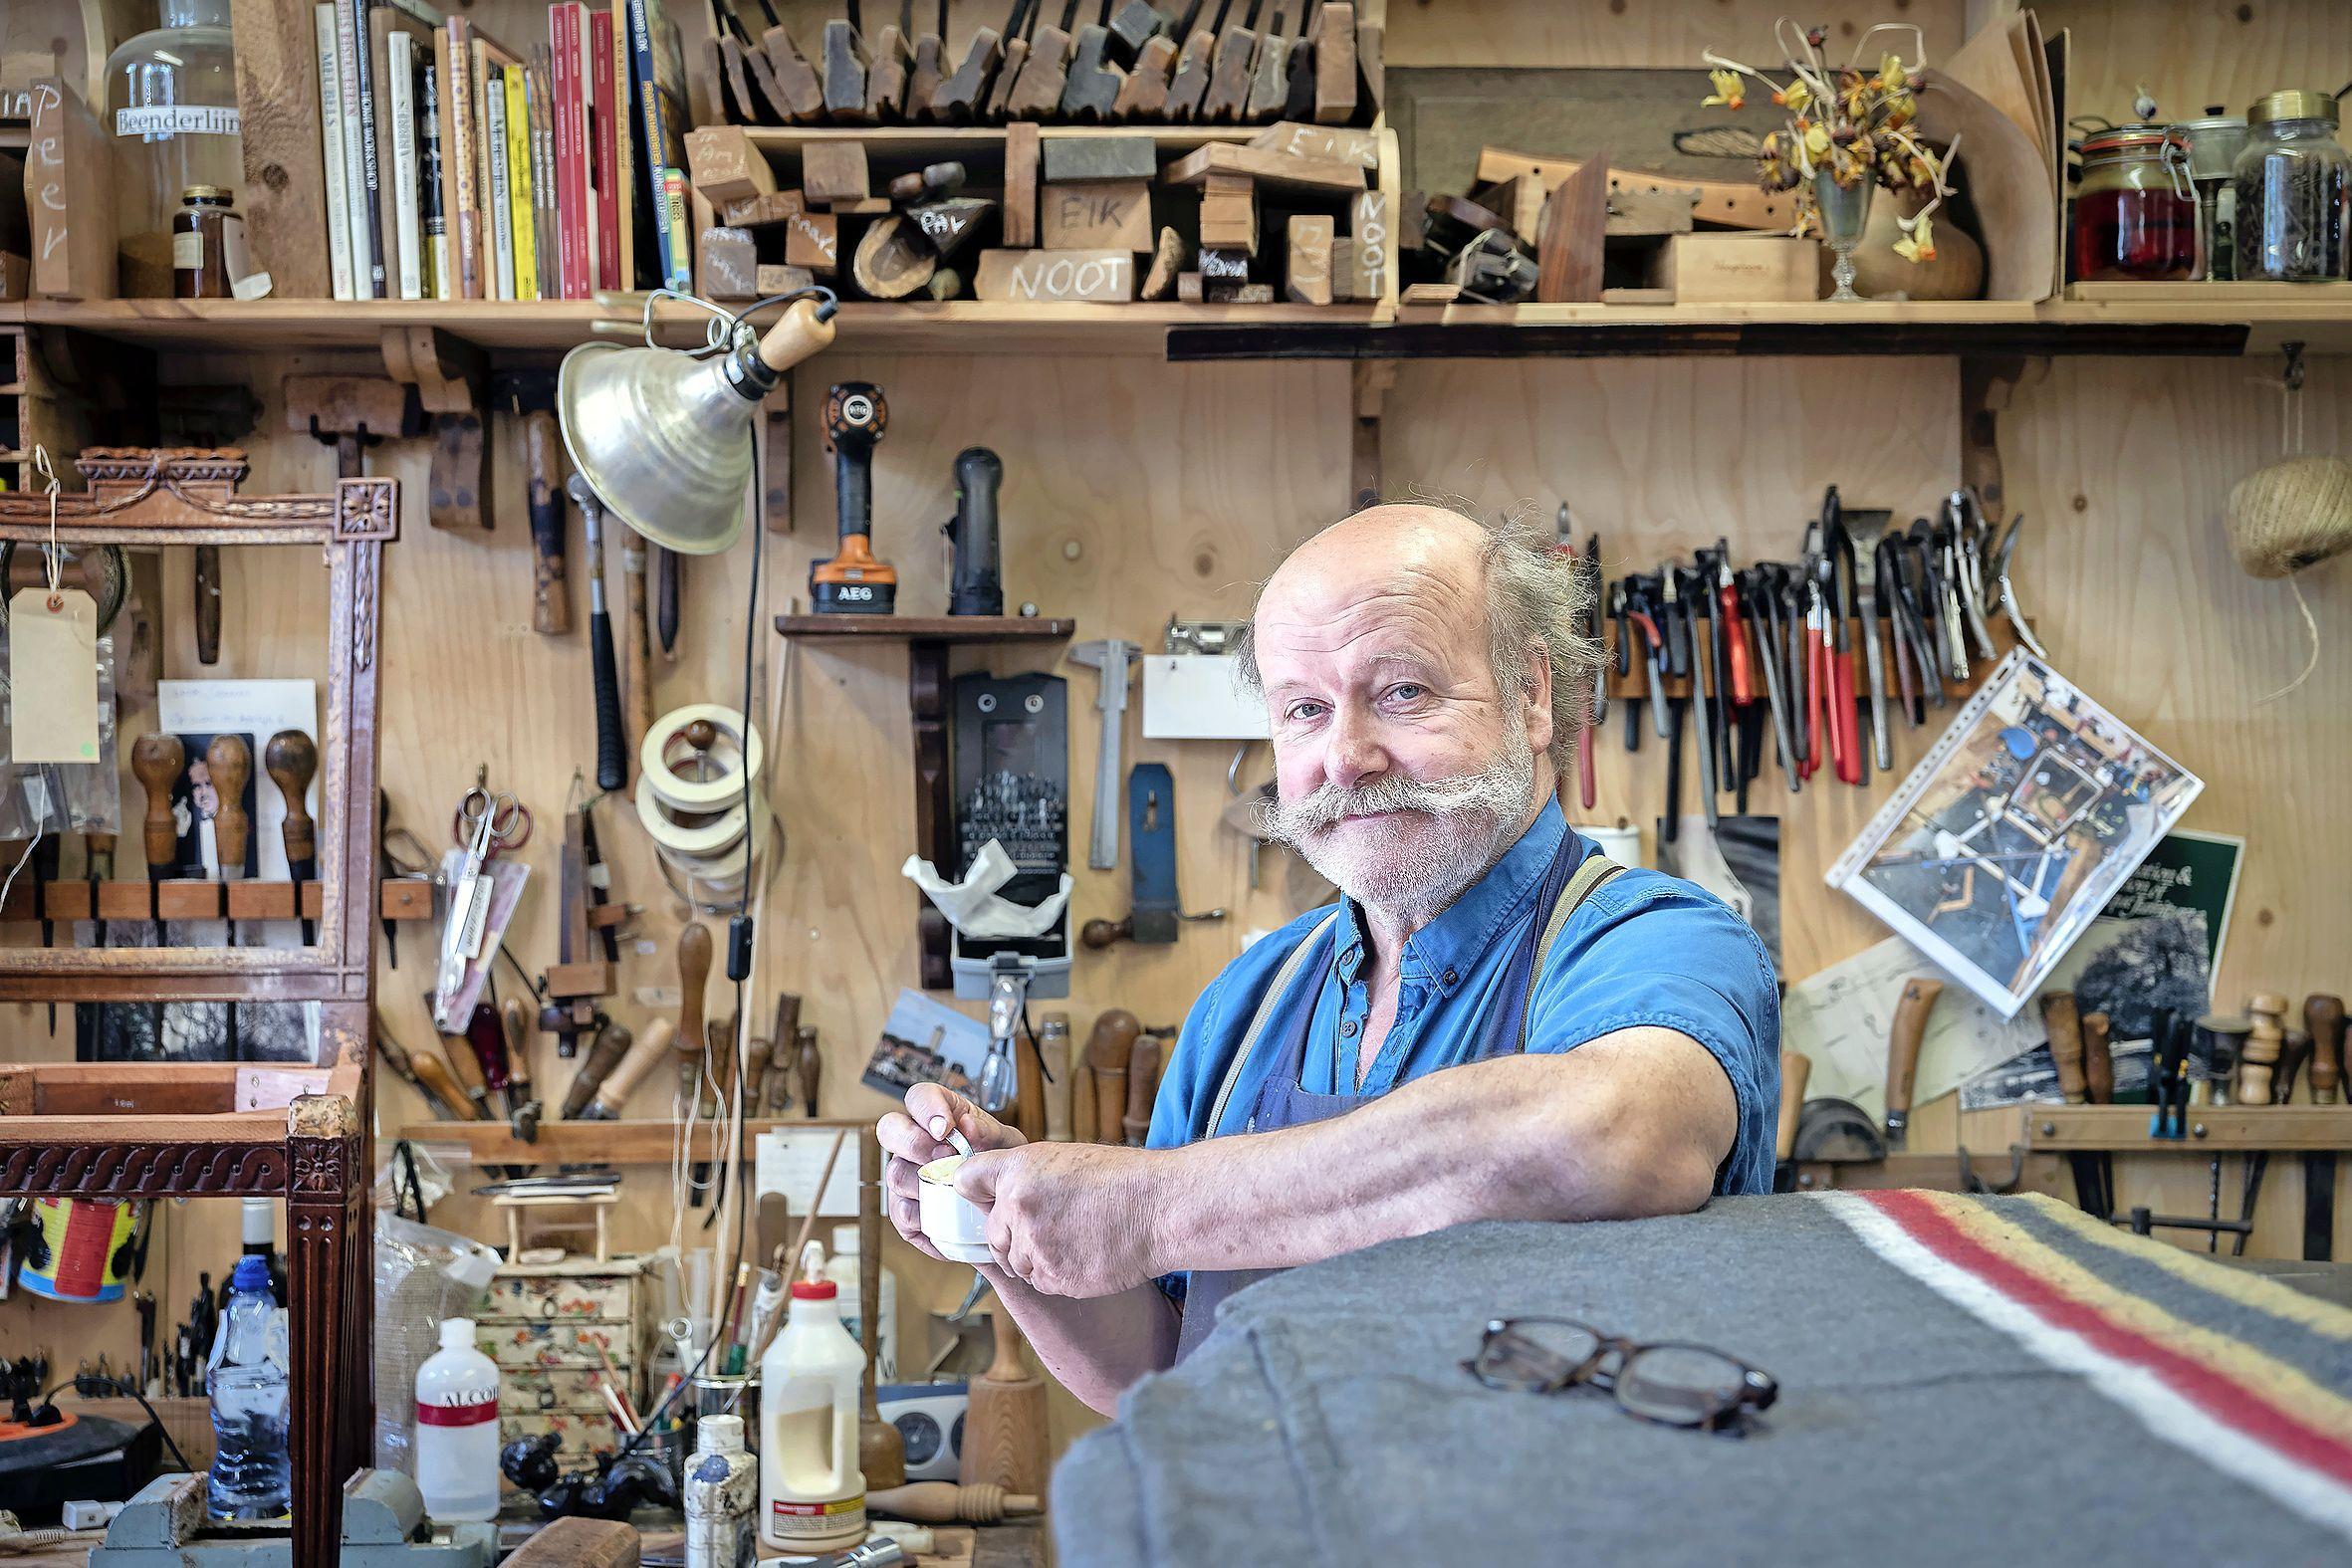 Dennis Le Poole restaureert met liefde de stoelen van Pieter Teyler. 'De schoonheid van hout is onbeperkt'